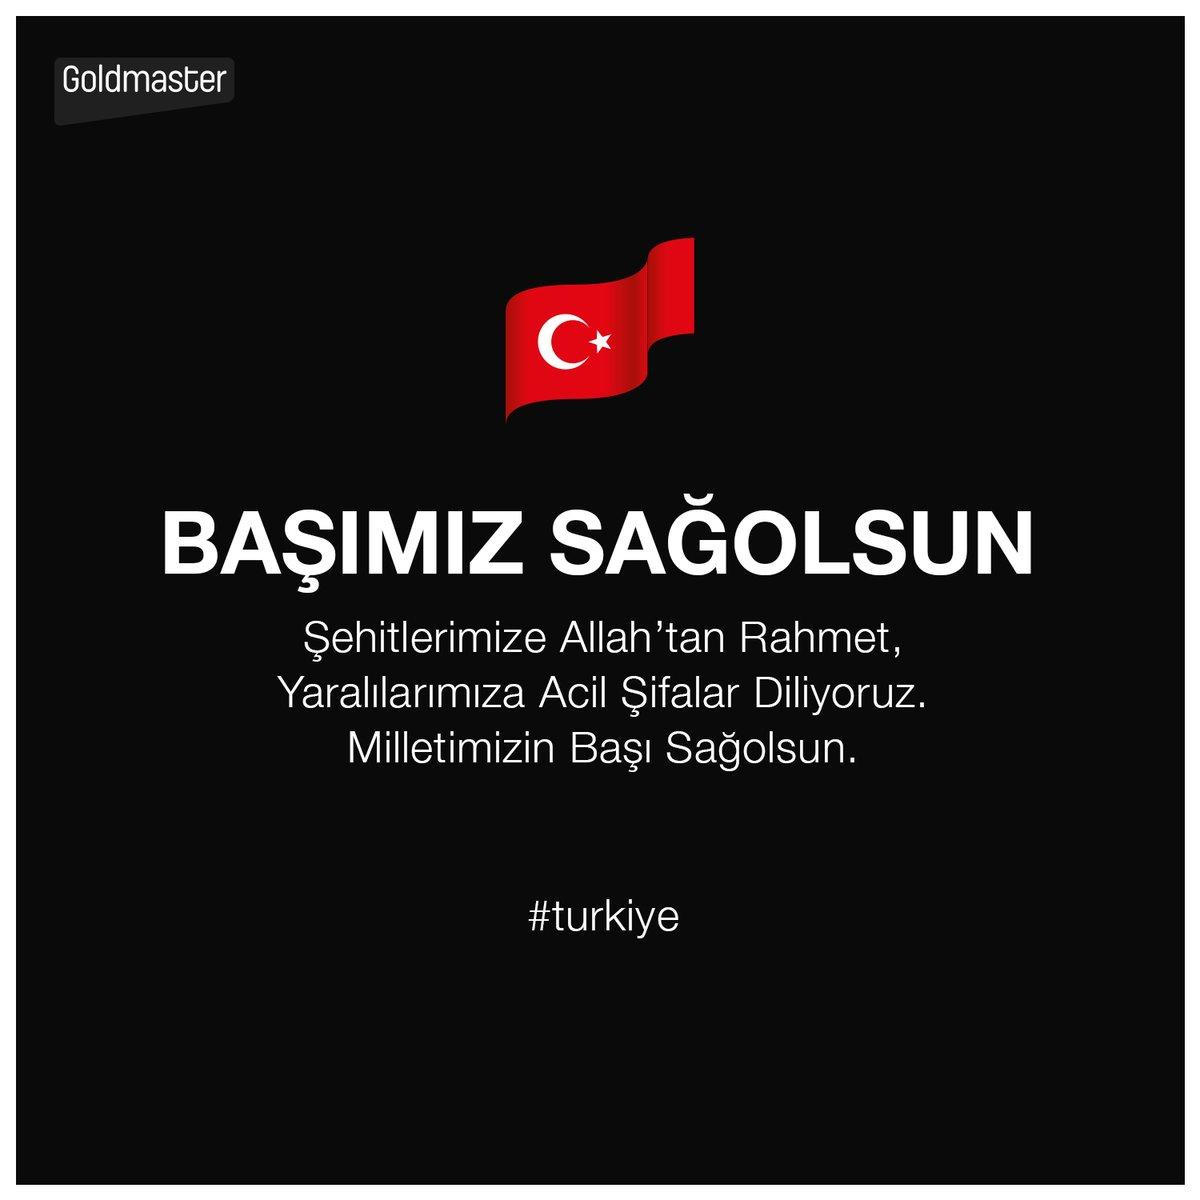 Şehitlerimize Allah'tan Rahmet, Yaralılarımıza Acil Şifalar Diliyoruz. Milletimizin Başı Sağolsun!  #turkiye https://t.co/y06OpzNJus